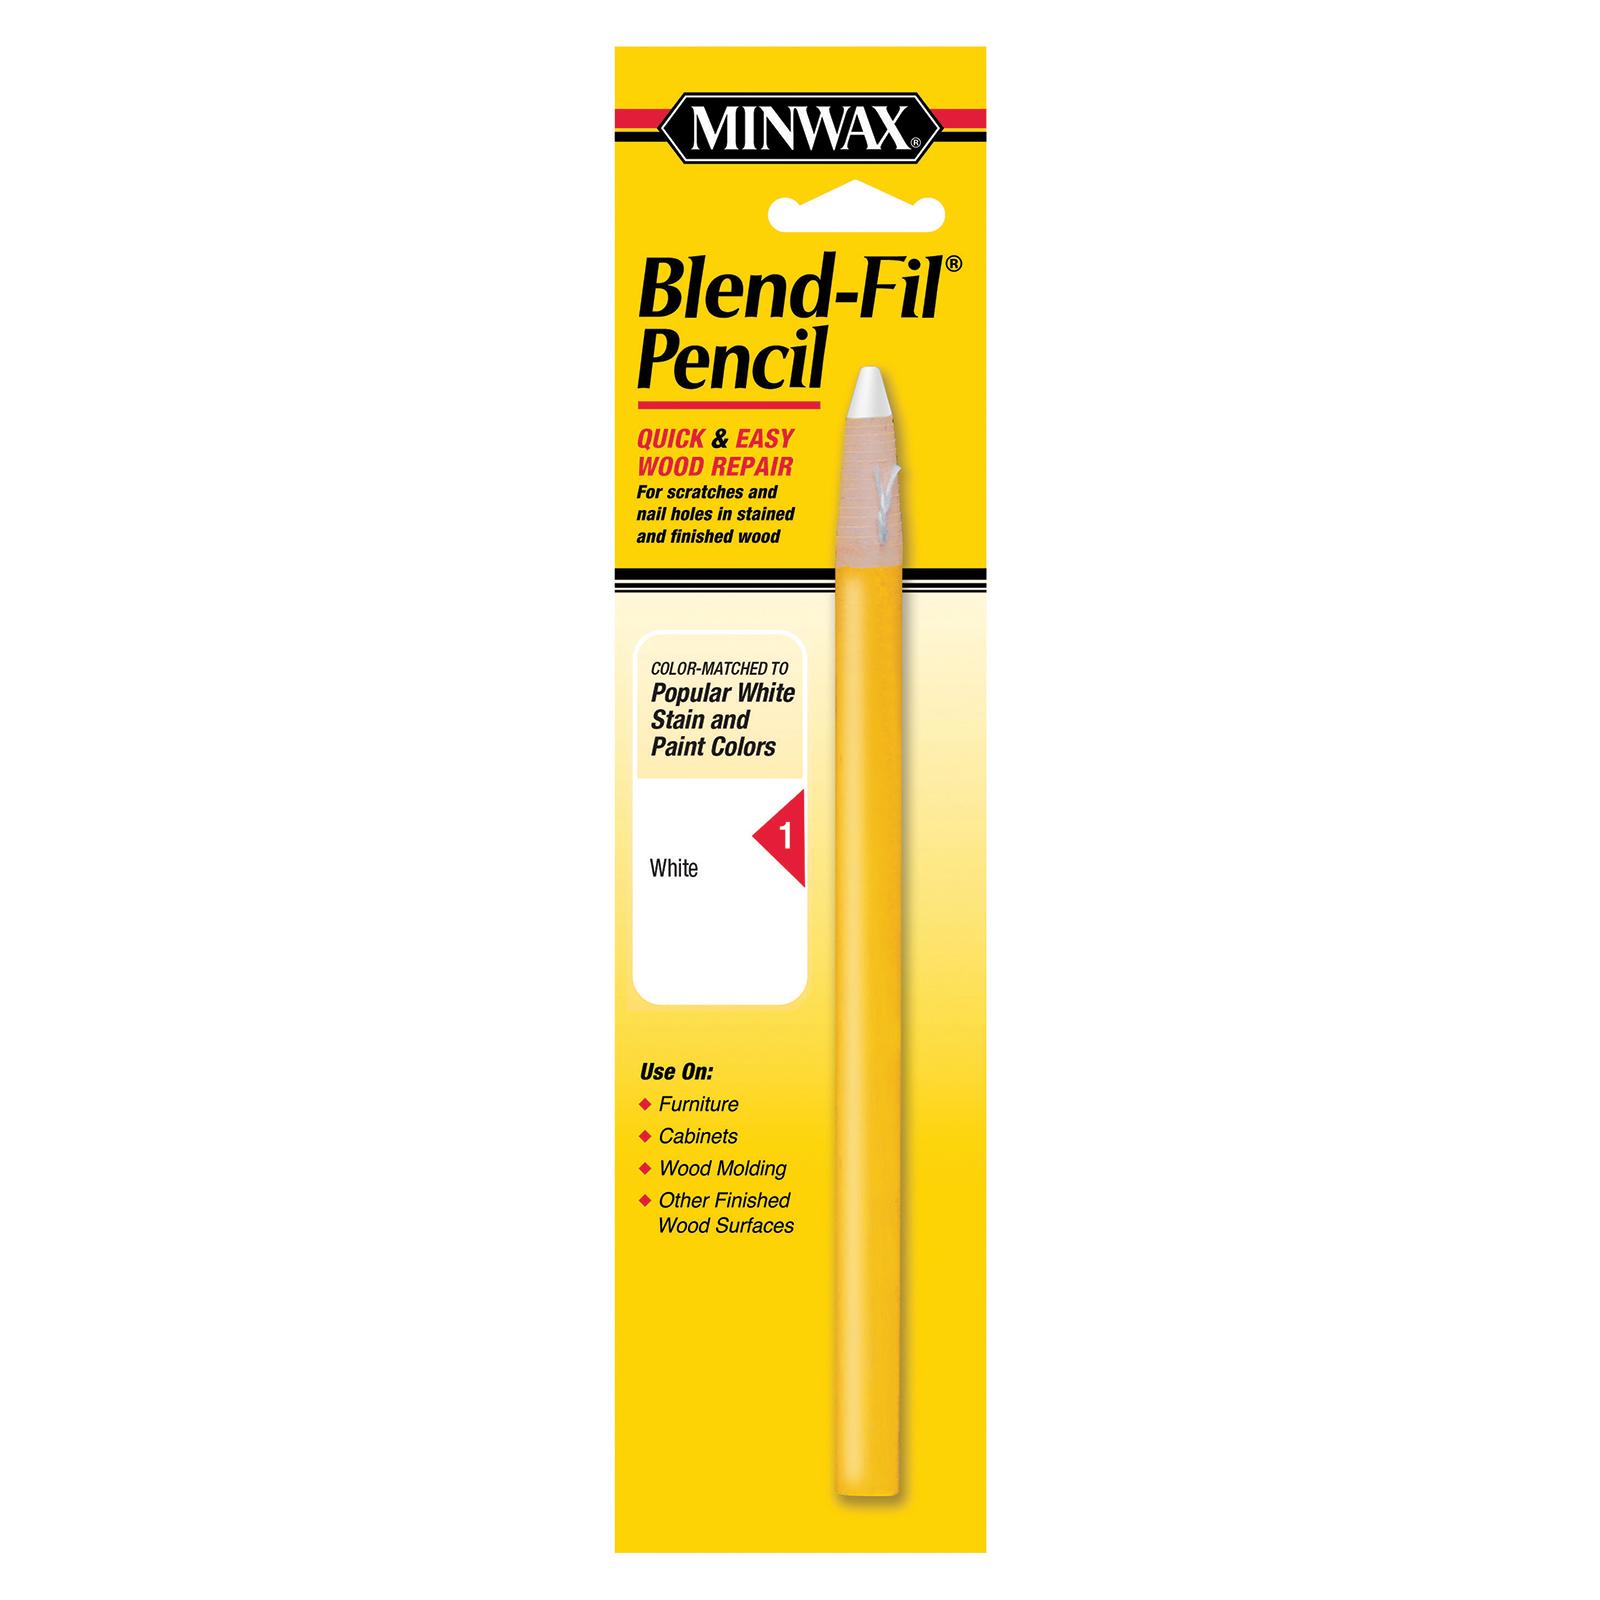 Minwax® Blend-Fil® Pencil #1, 1-EA